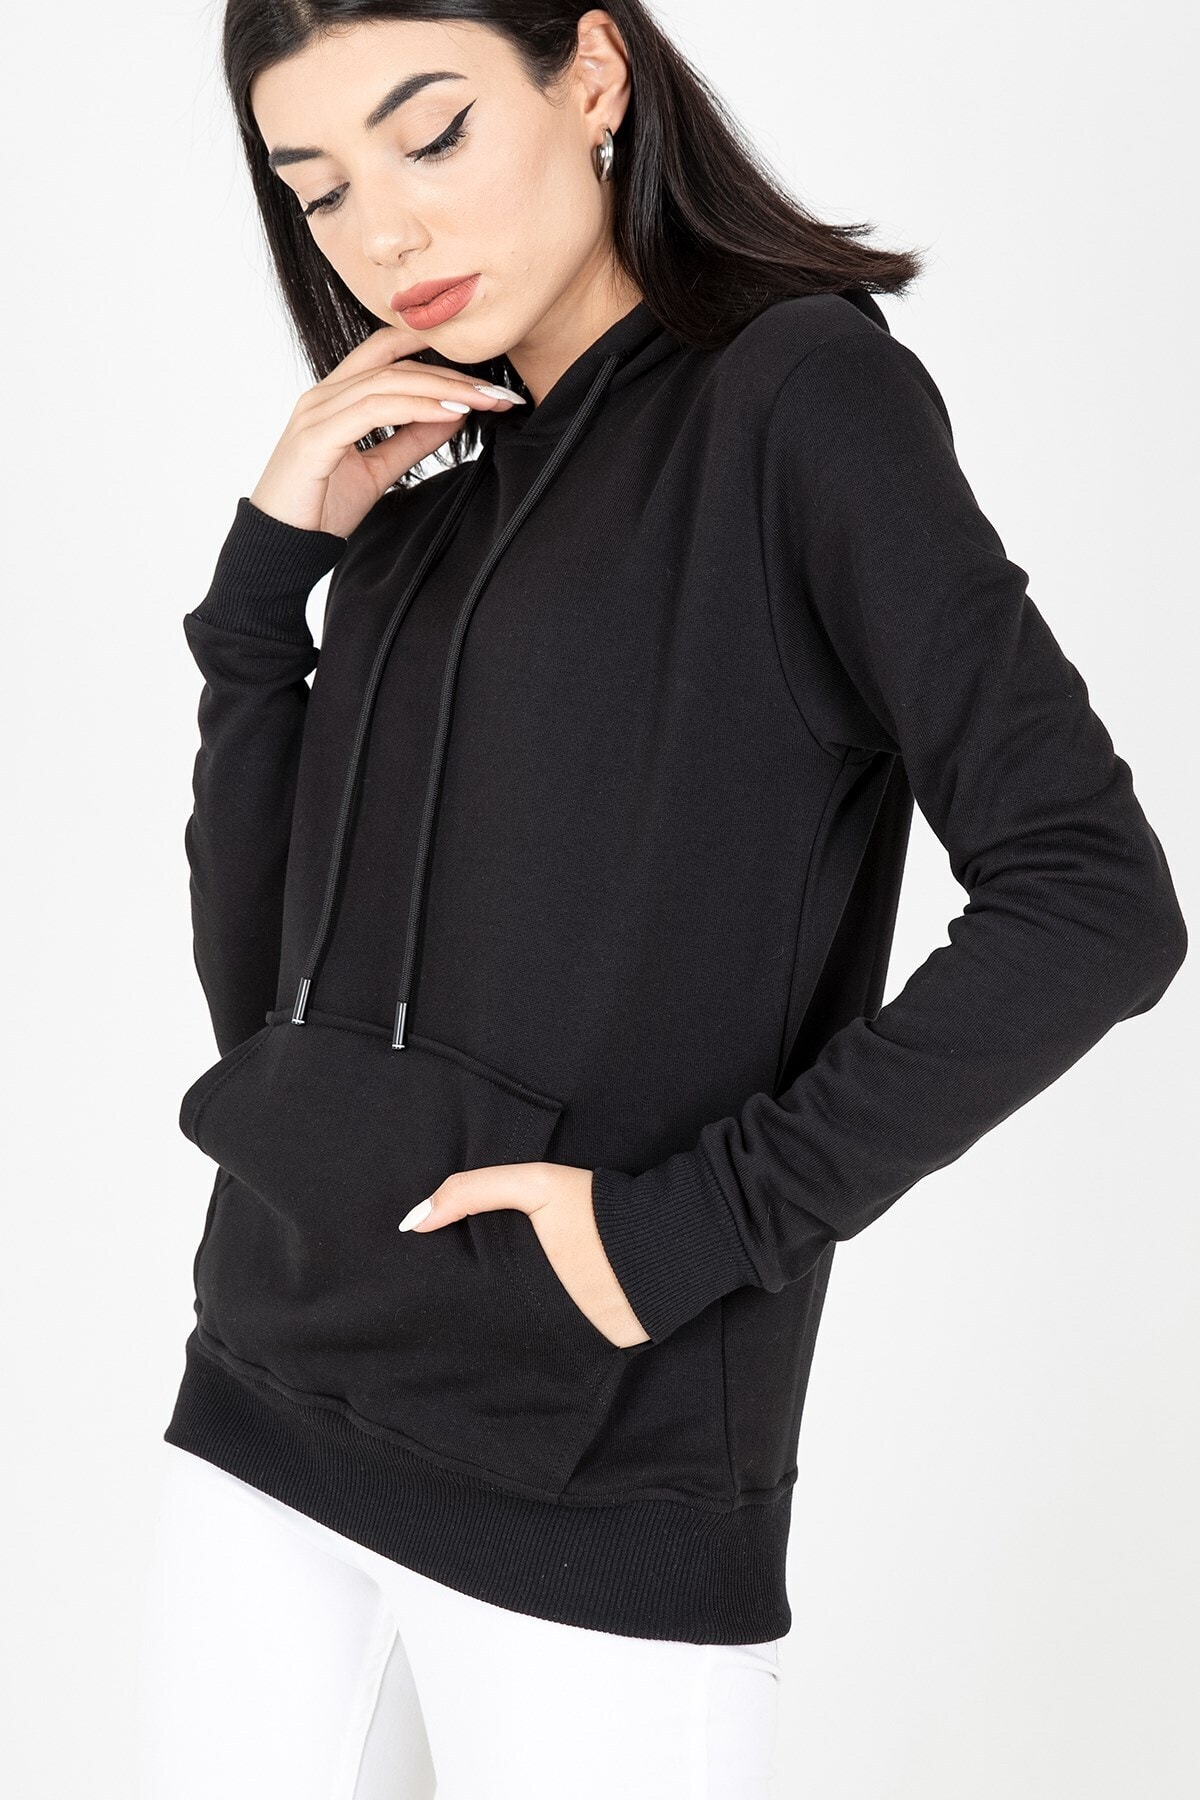 MY LIFE Mylife Kapüşonlu Kanguru Cep Kadın Sweatshirt Siyah - Mlf2735 1